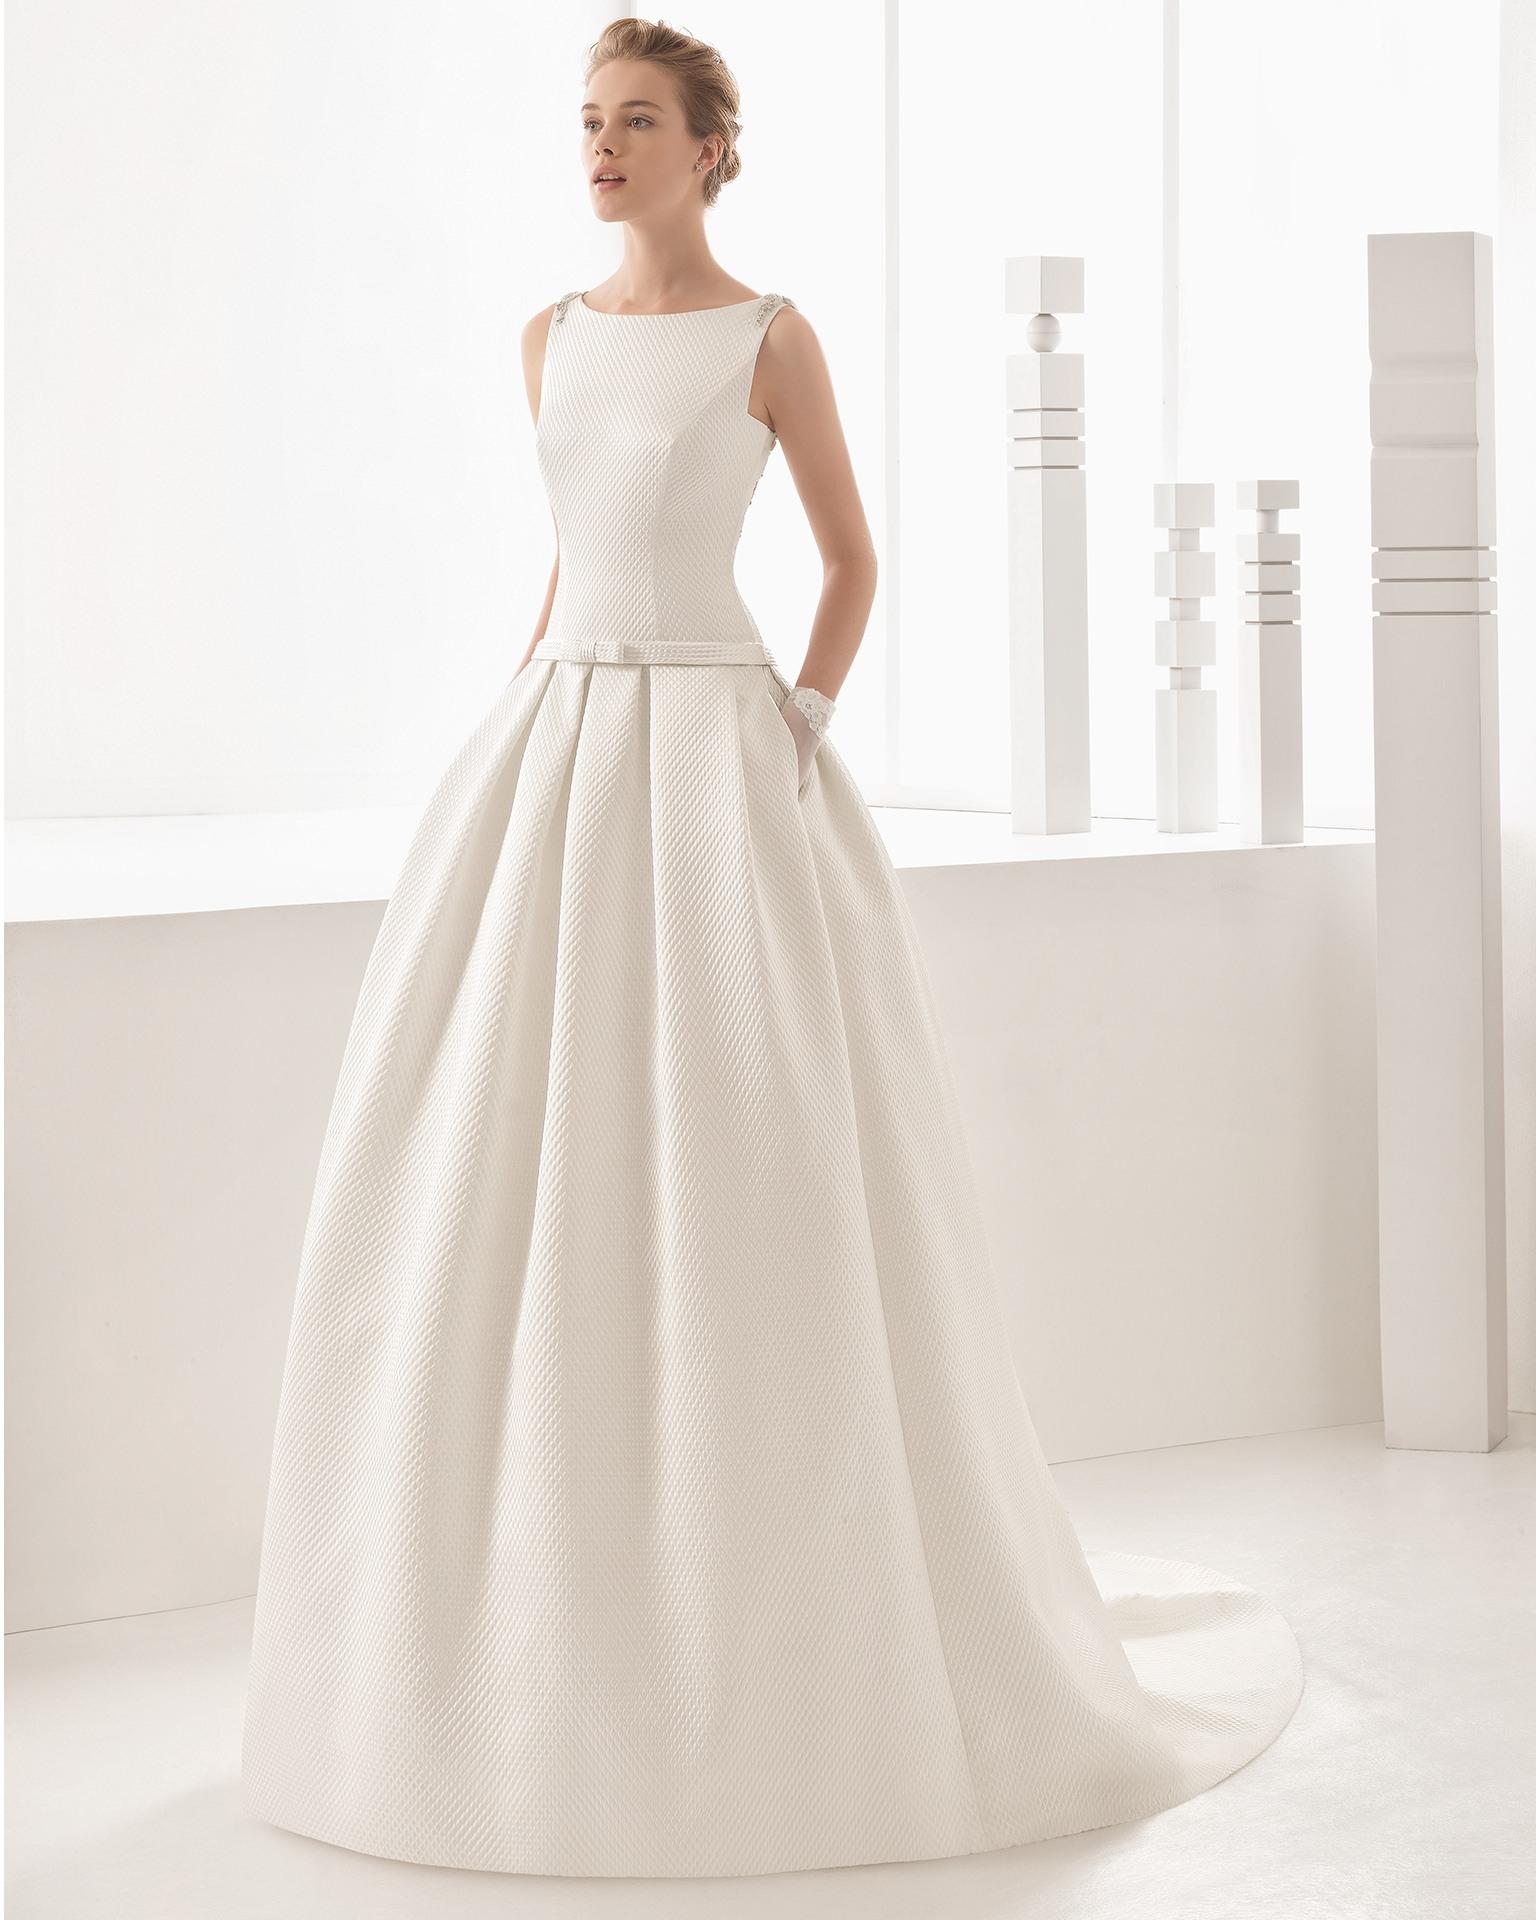 Abend Kreativ Designer Brautkleider VertriebDesigner Einzigartig Designer Brautkleider Design